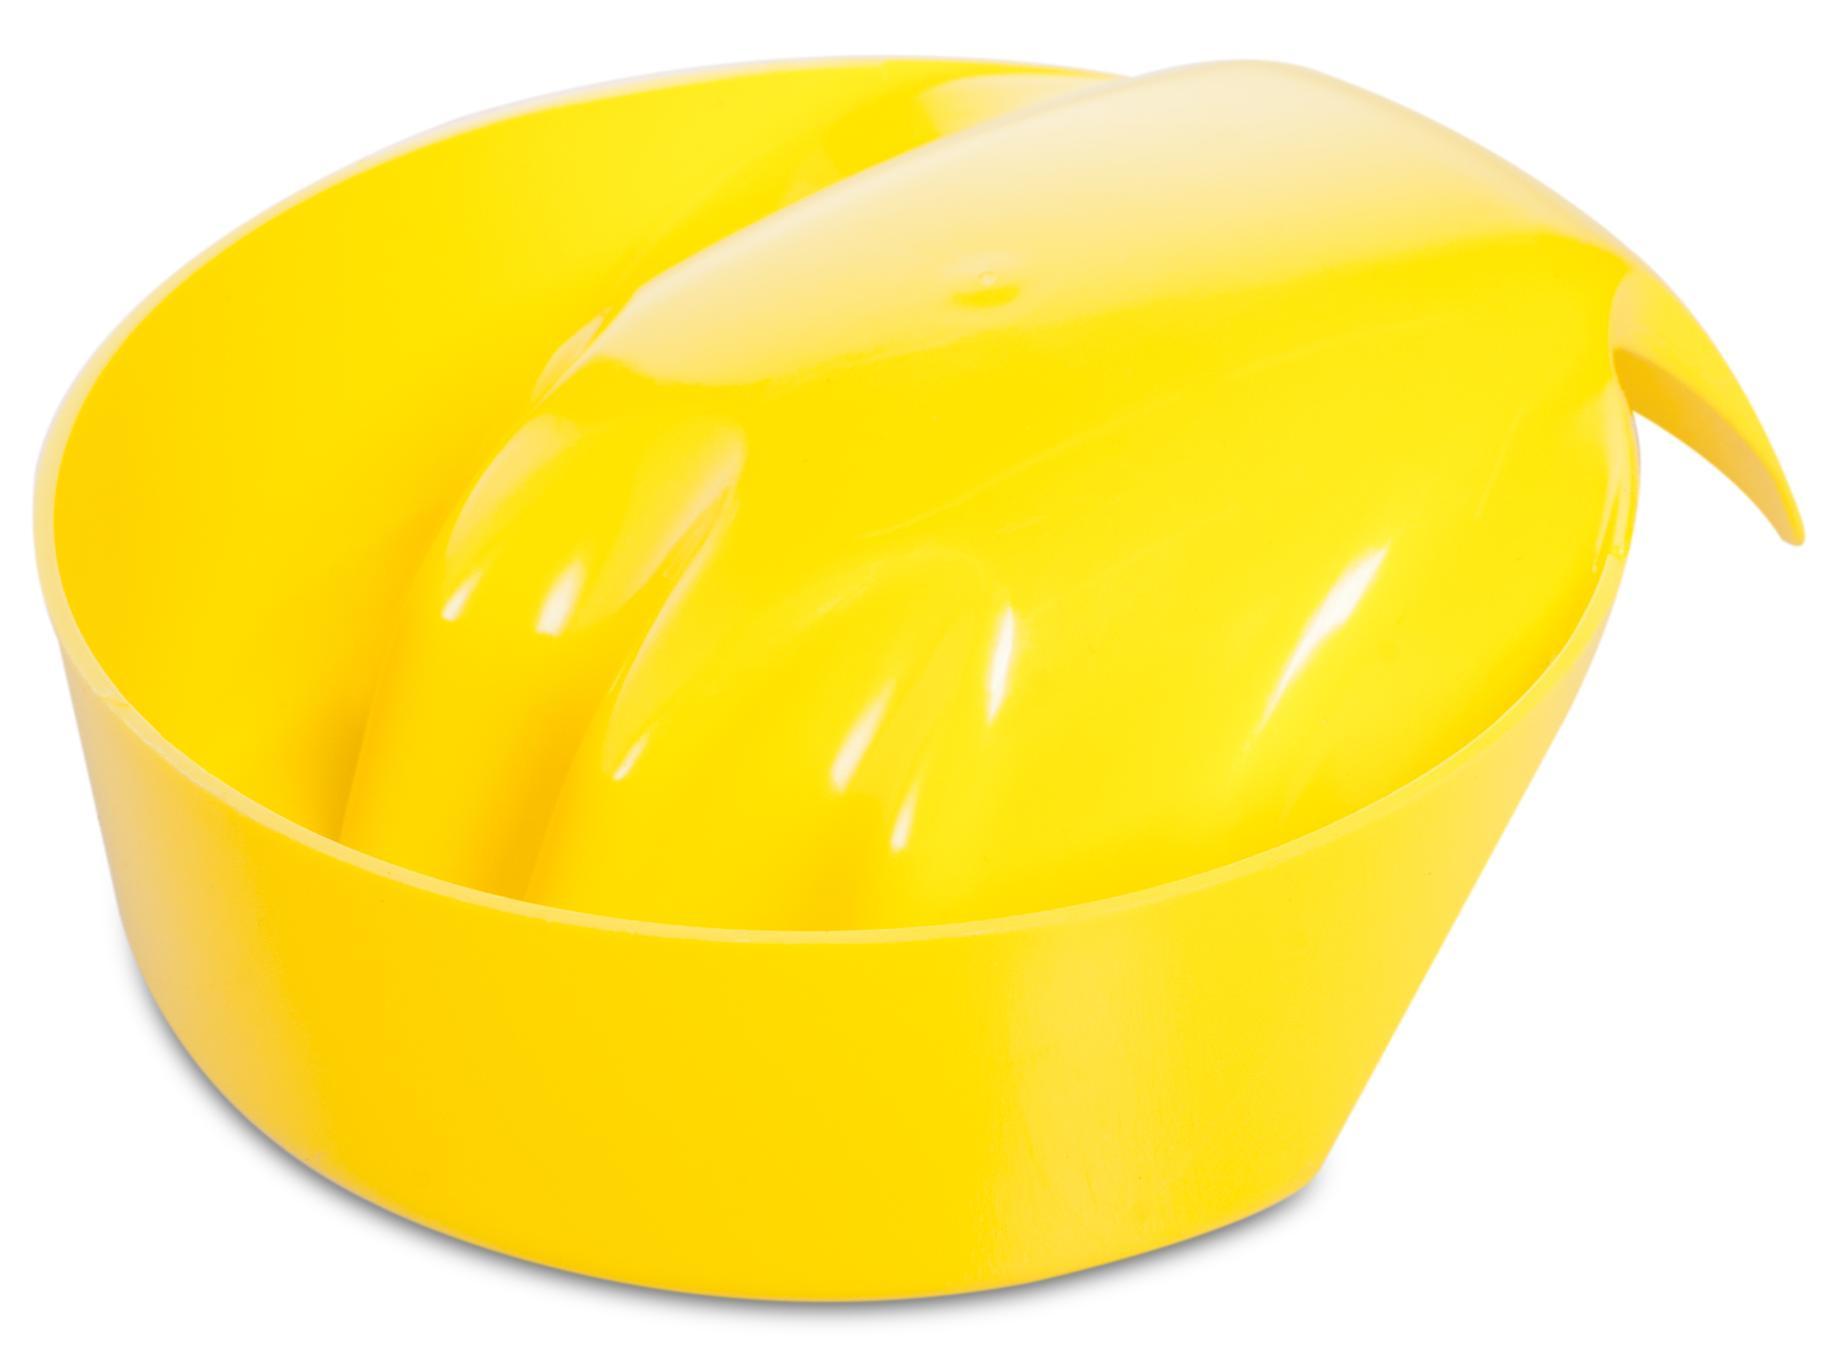 DOMIX Ванночка для маникюра mini, желтая